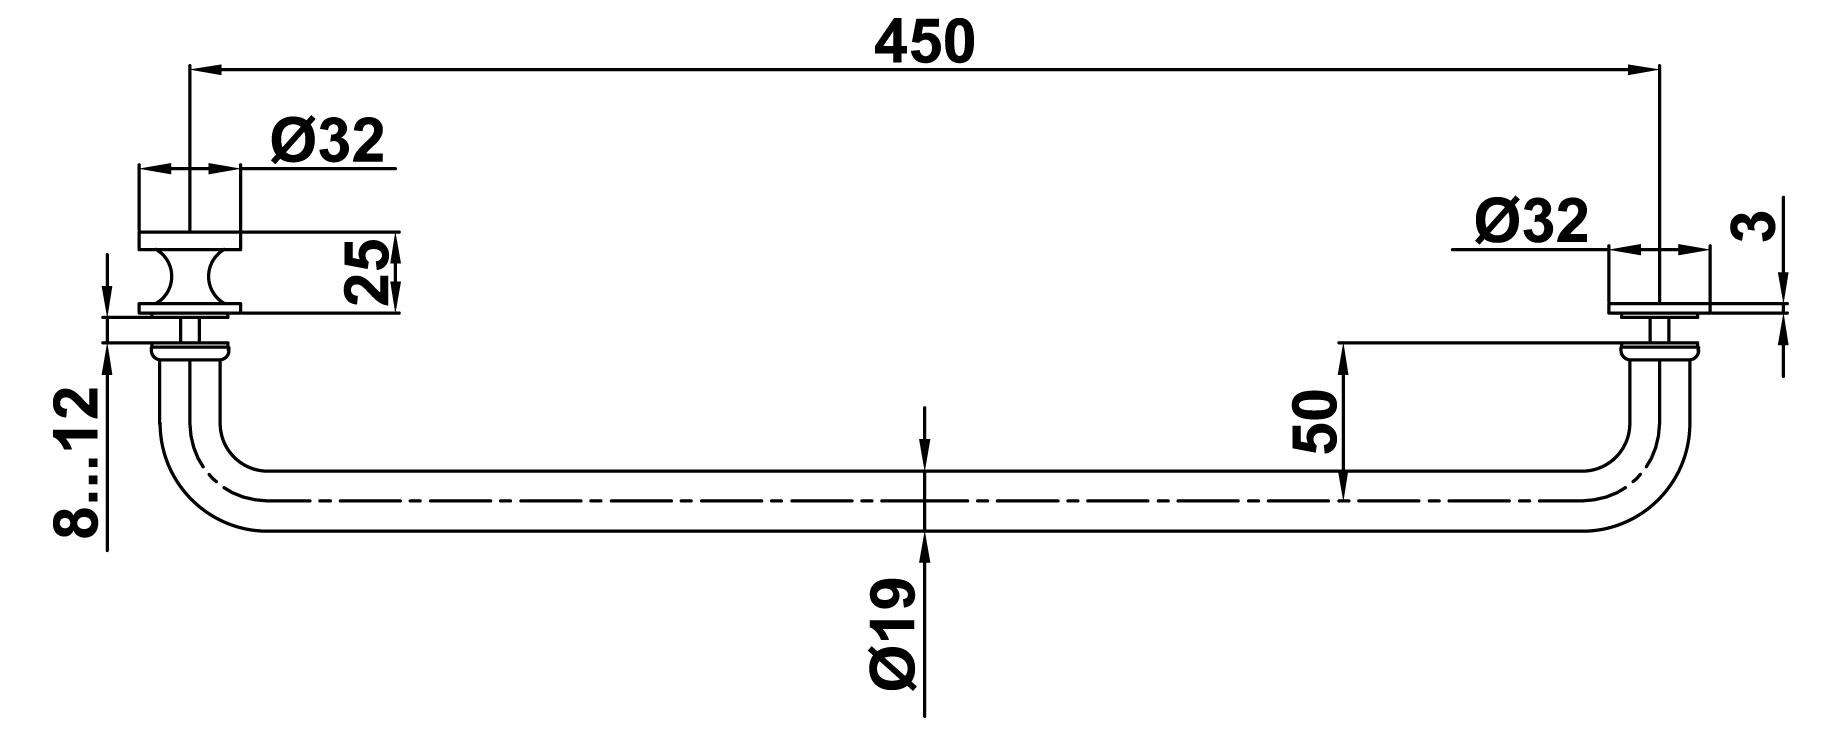 T-621 19x450 SSS Ручка комплект с полотенцесушителем